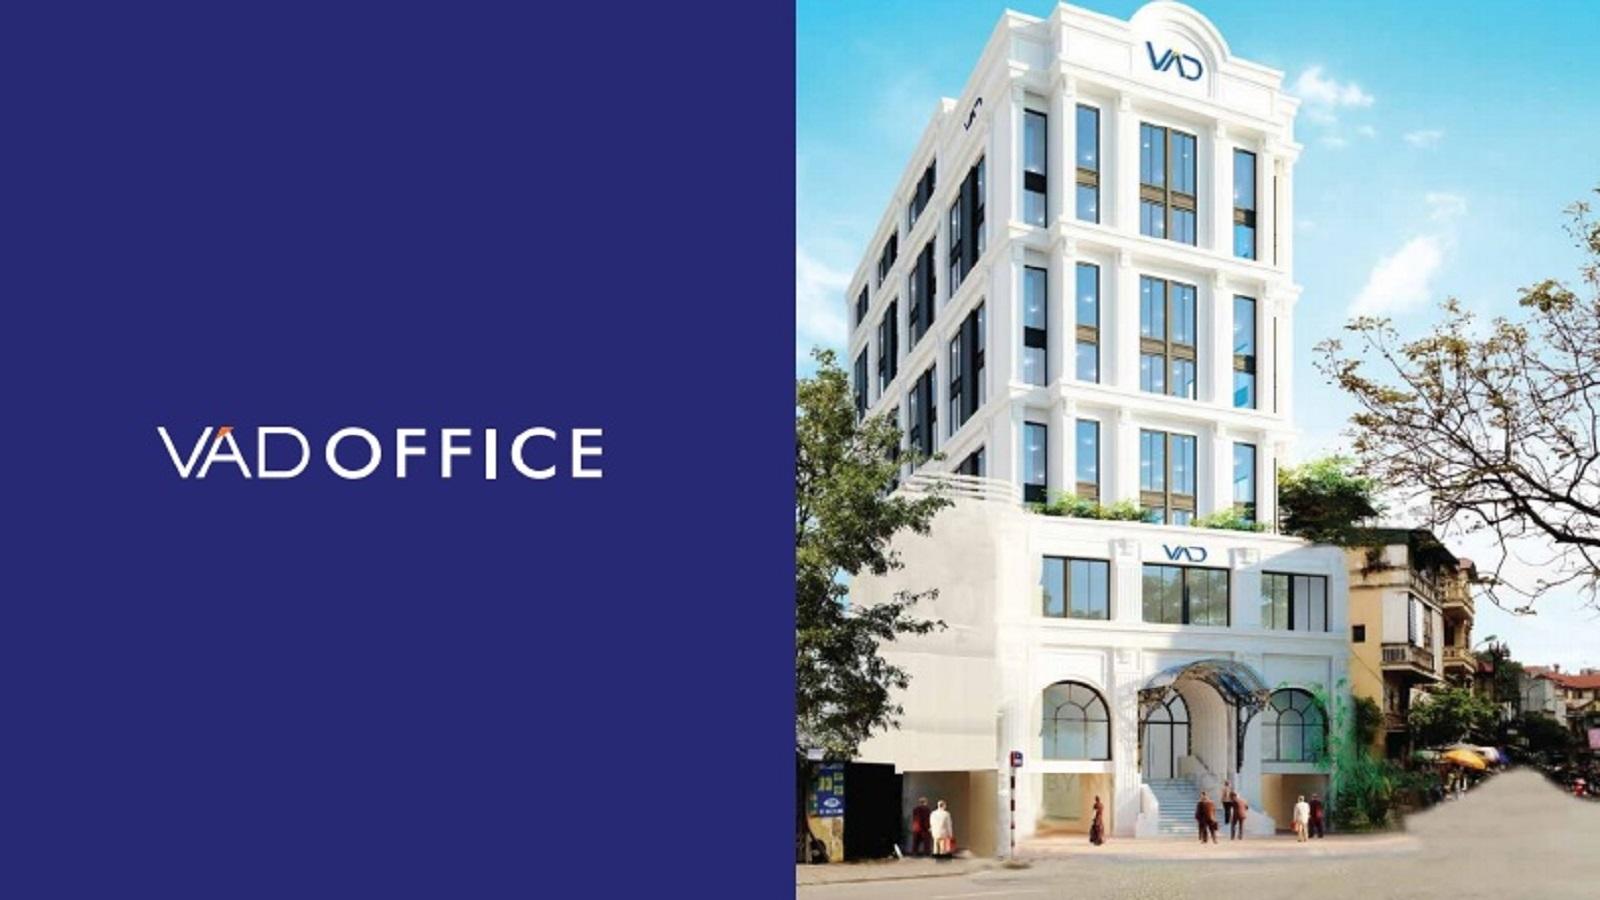 TÒA NHÀ VĂN PHÒNG VAD OFFICE